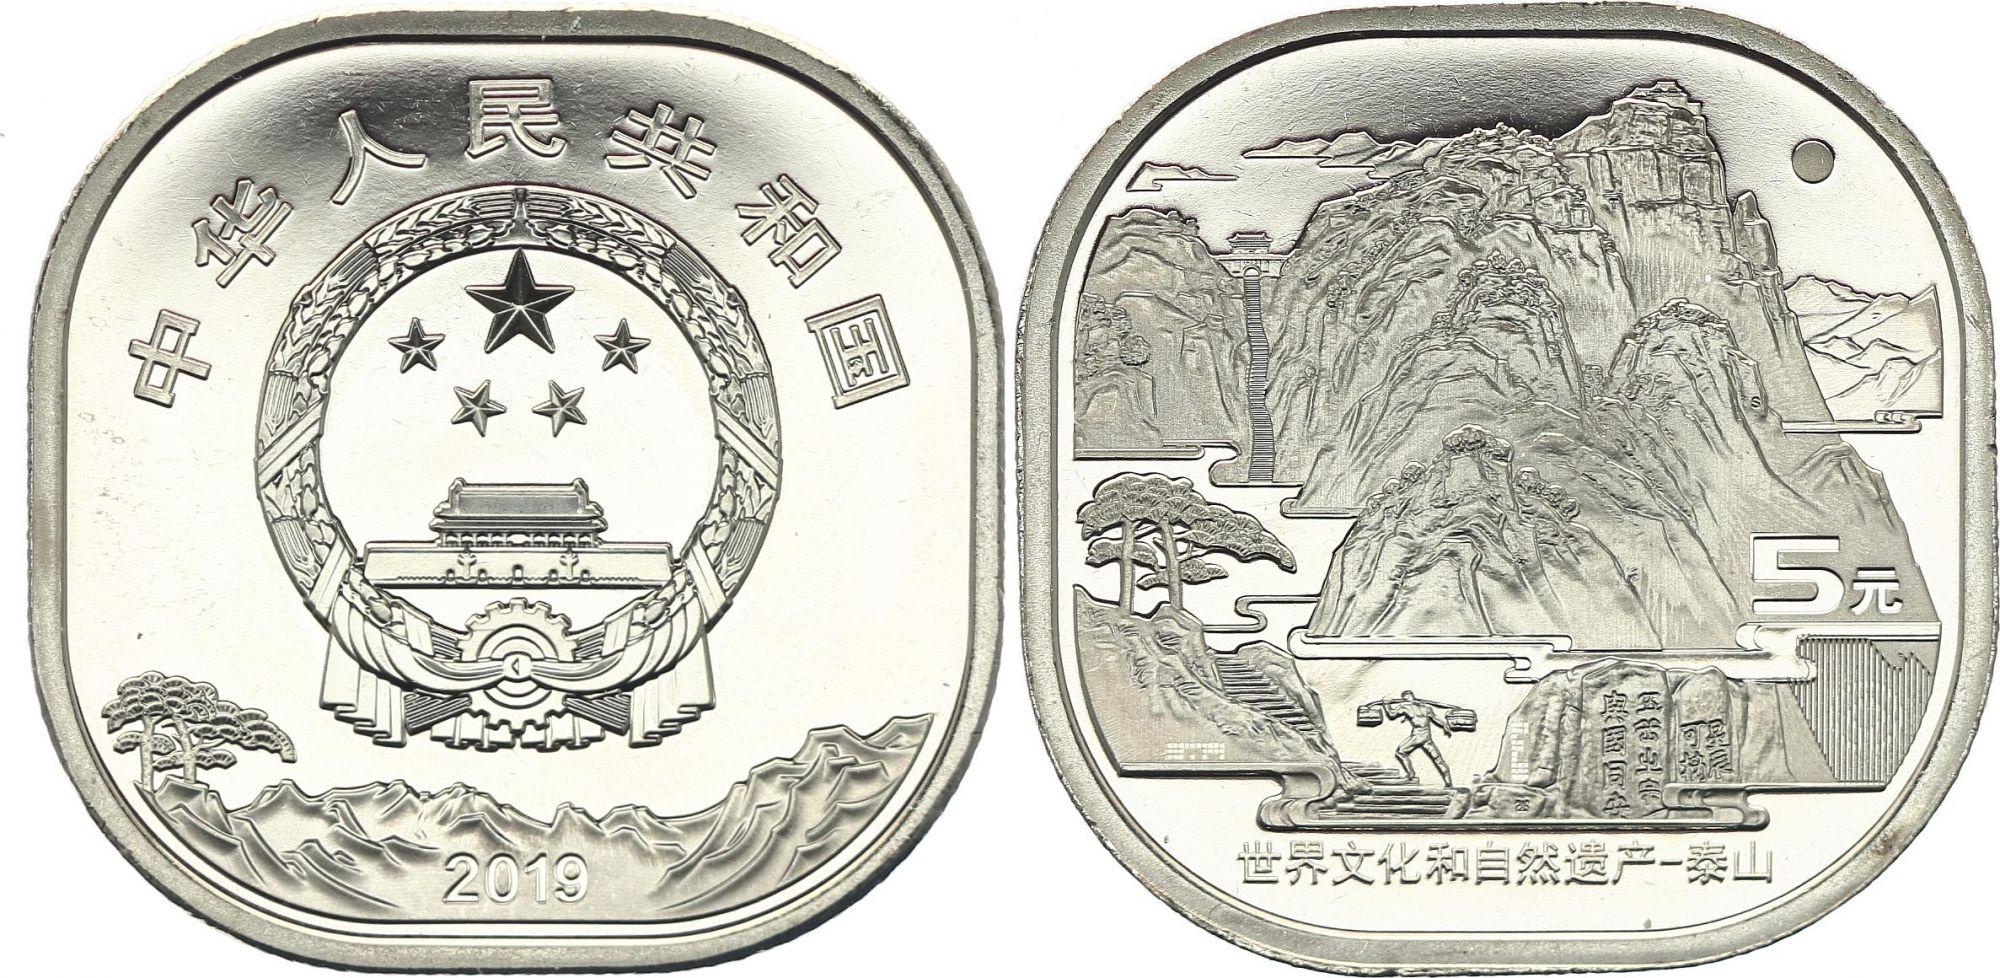 China 5 Yuan TaiShan - 2019 - UNC